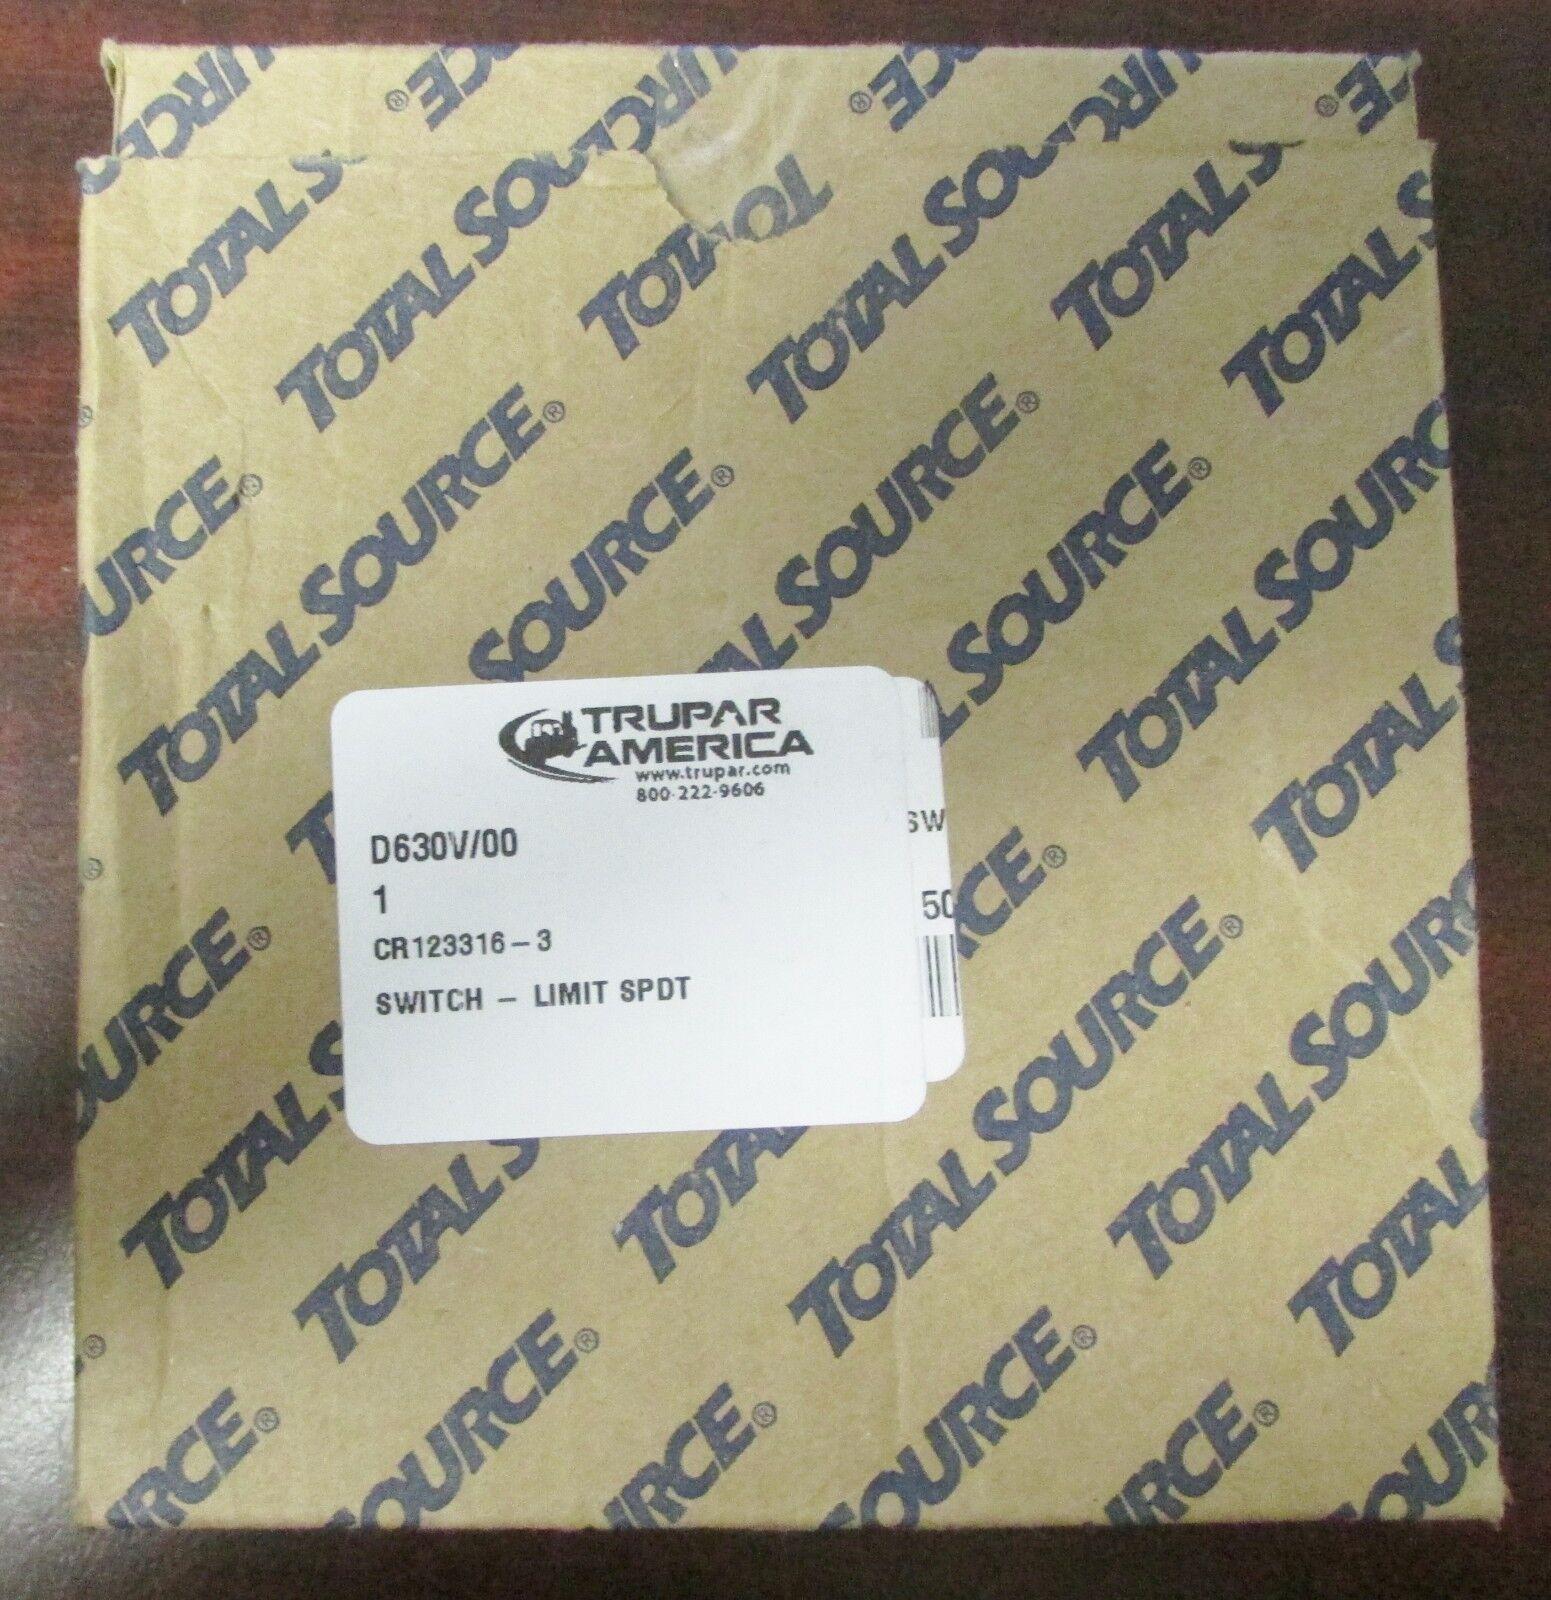 EATON E49G31AP3 TOTAL SOURCE TRUPAR AMERICA D630V 00 Limit Switch CR123316 3